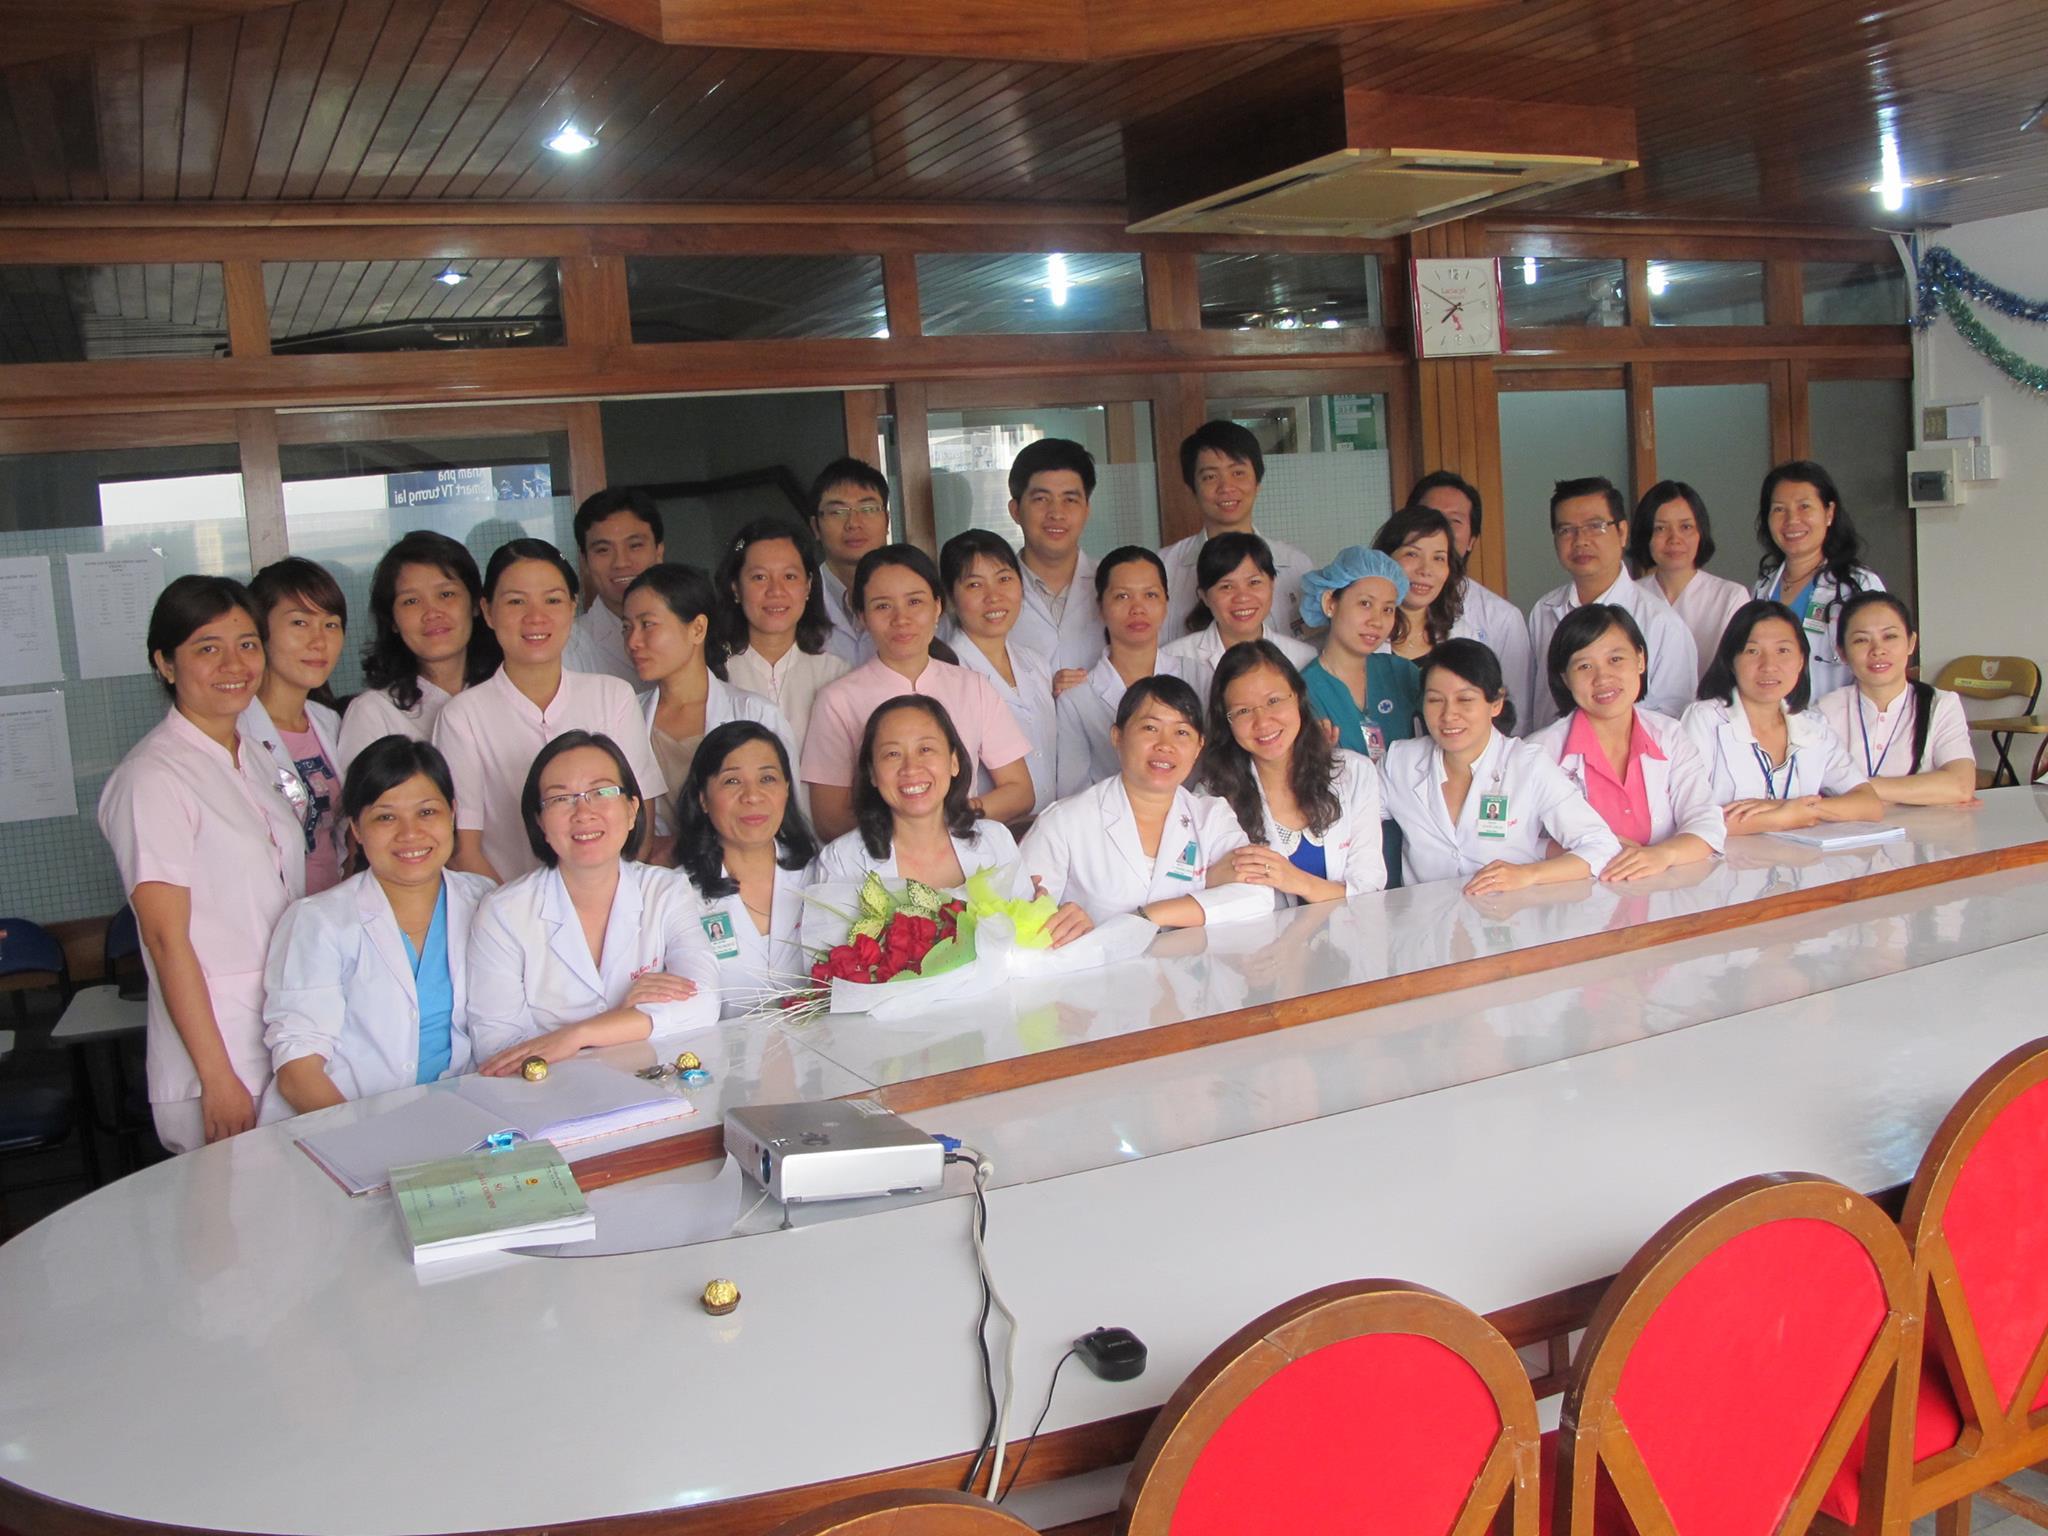 Phòng khám bác sĩ Ngọc Lan – bệnh viện Mekong